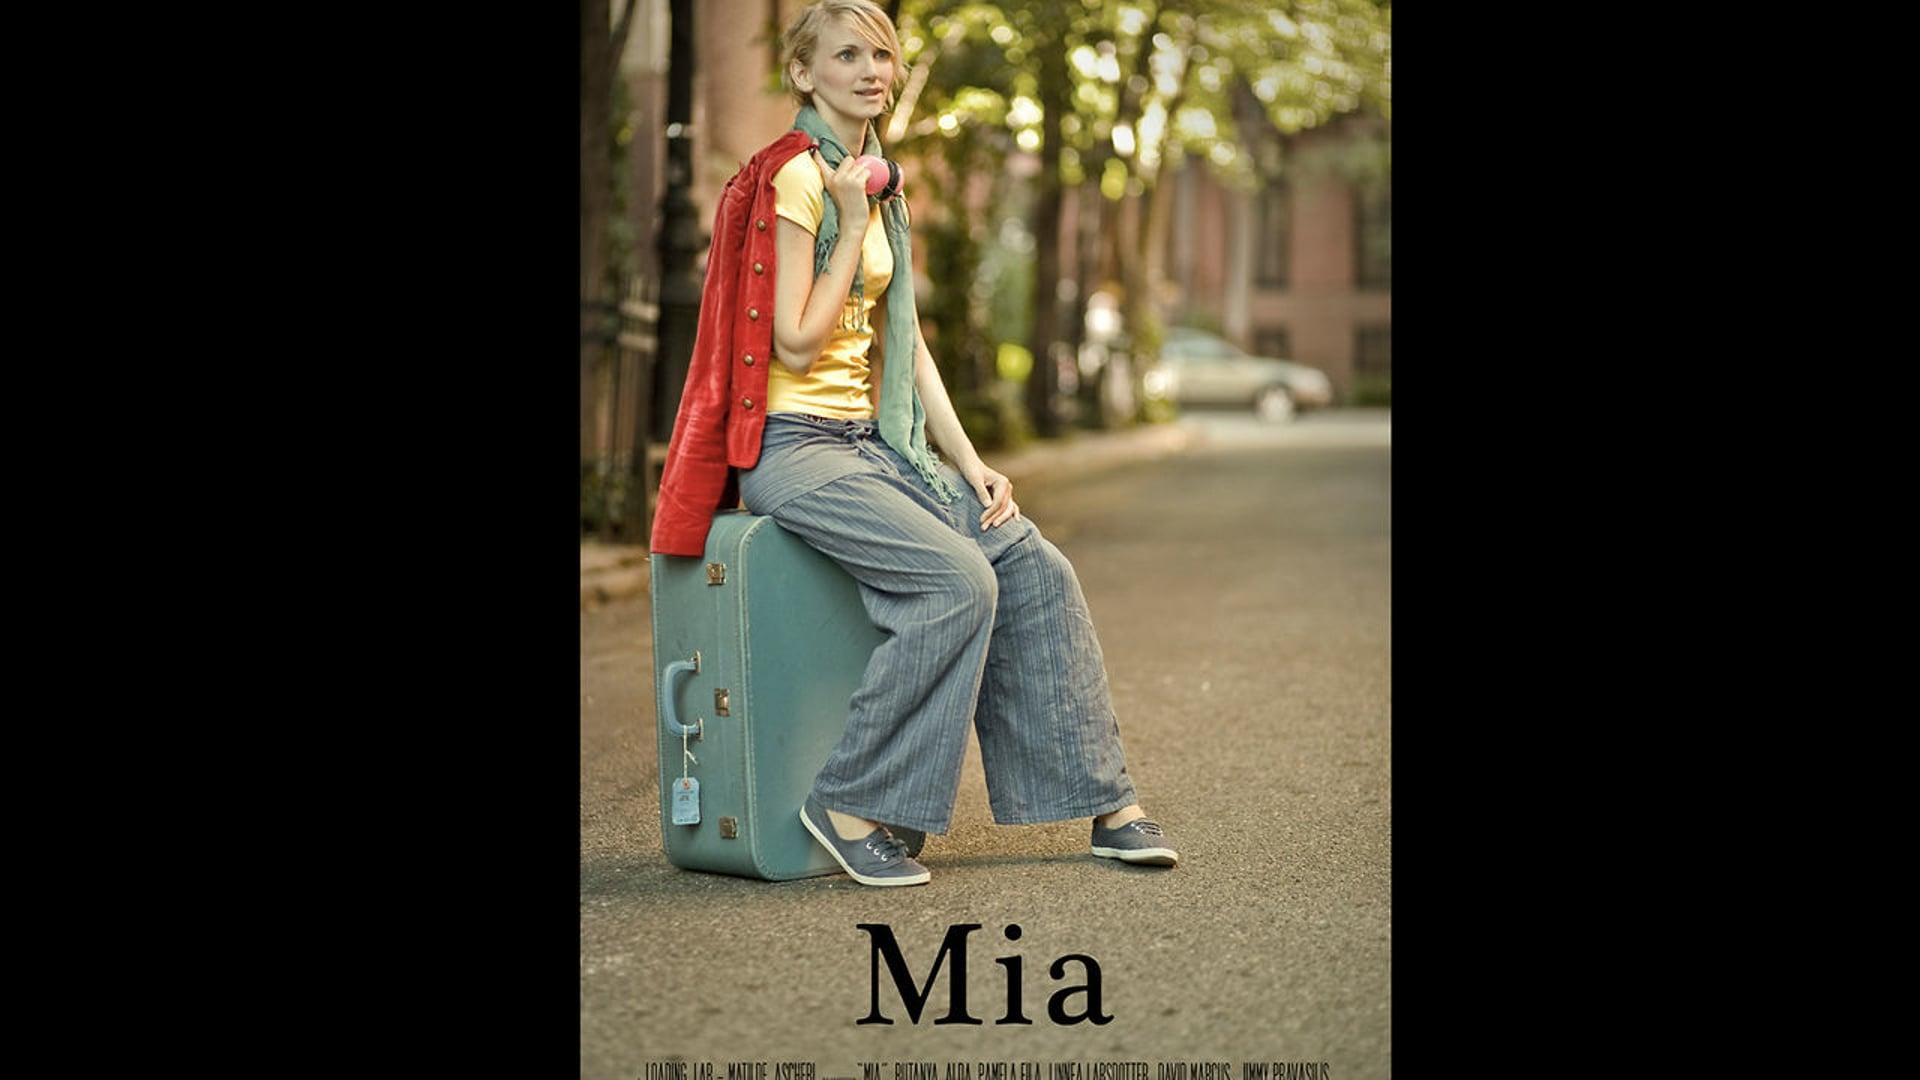 (shortfilm) Mia